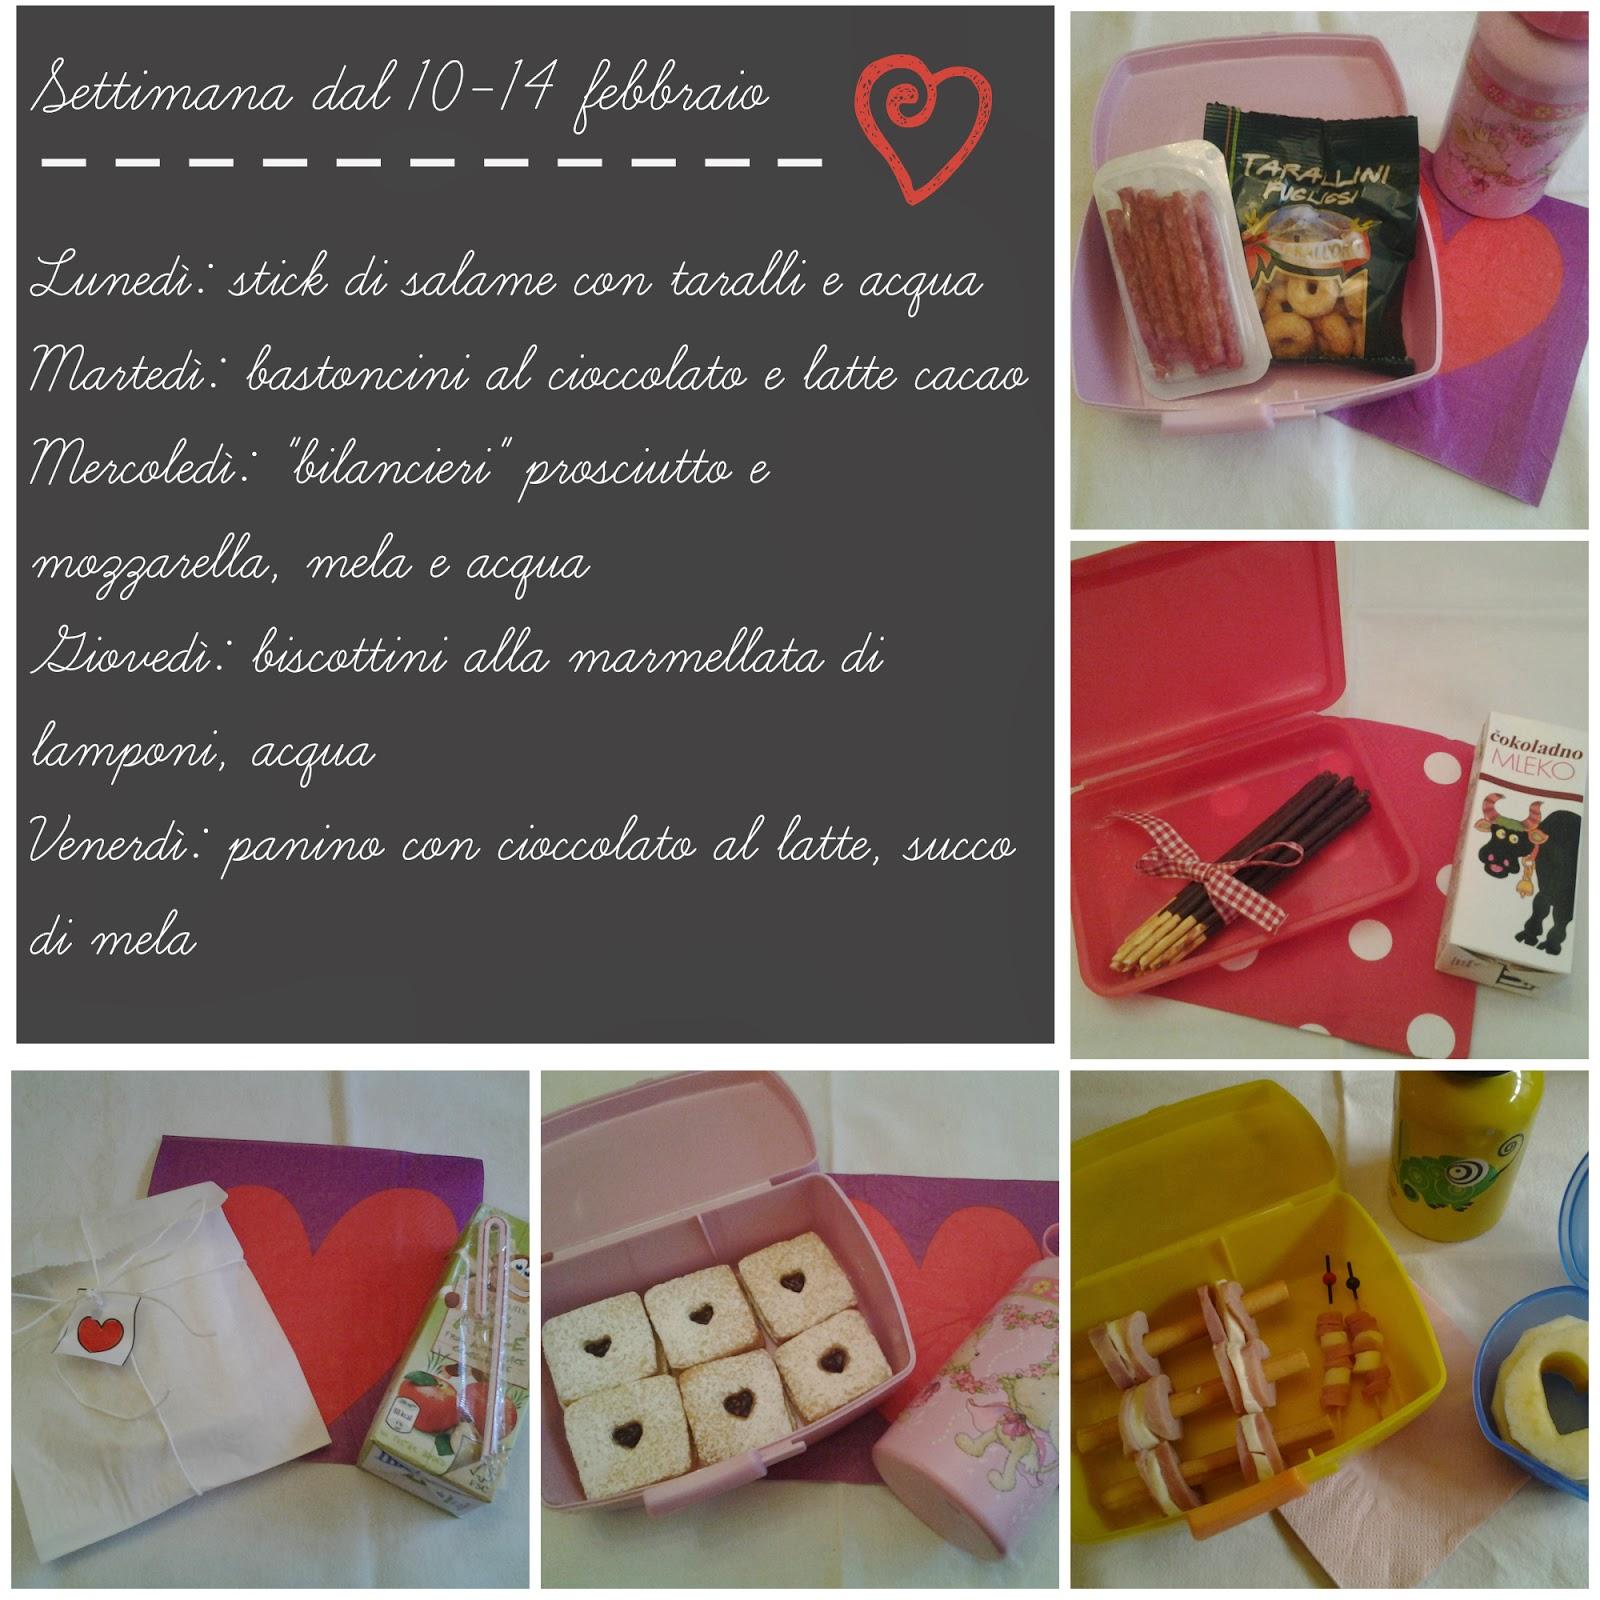 http://www.colazionialetto.com/2014/02/lemerendedicamilla-dal-10-14-febbraio.html